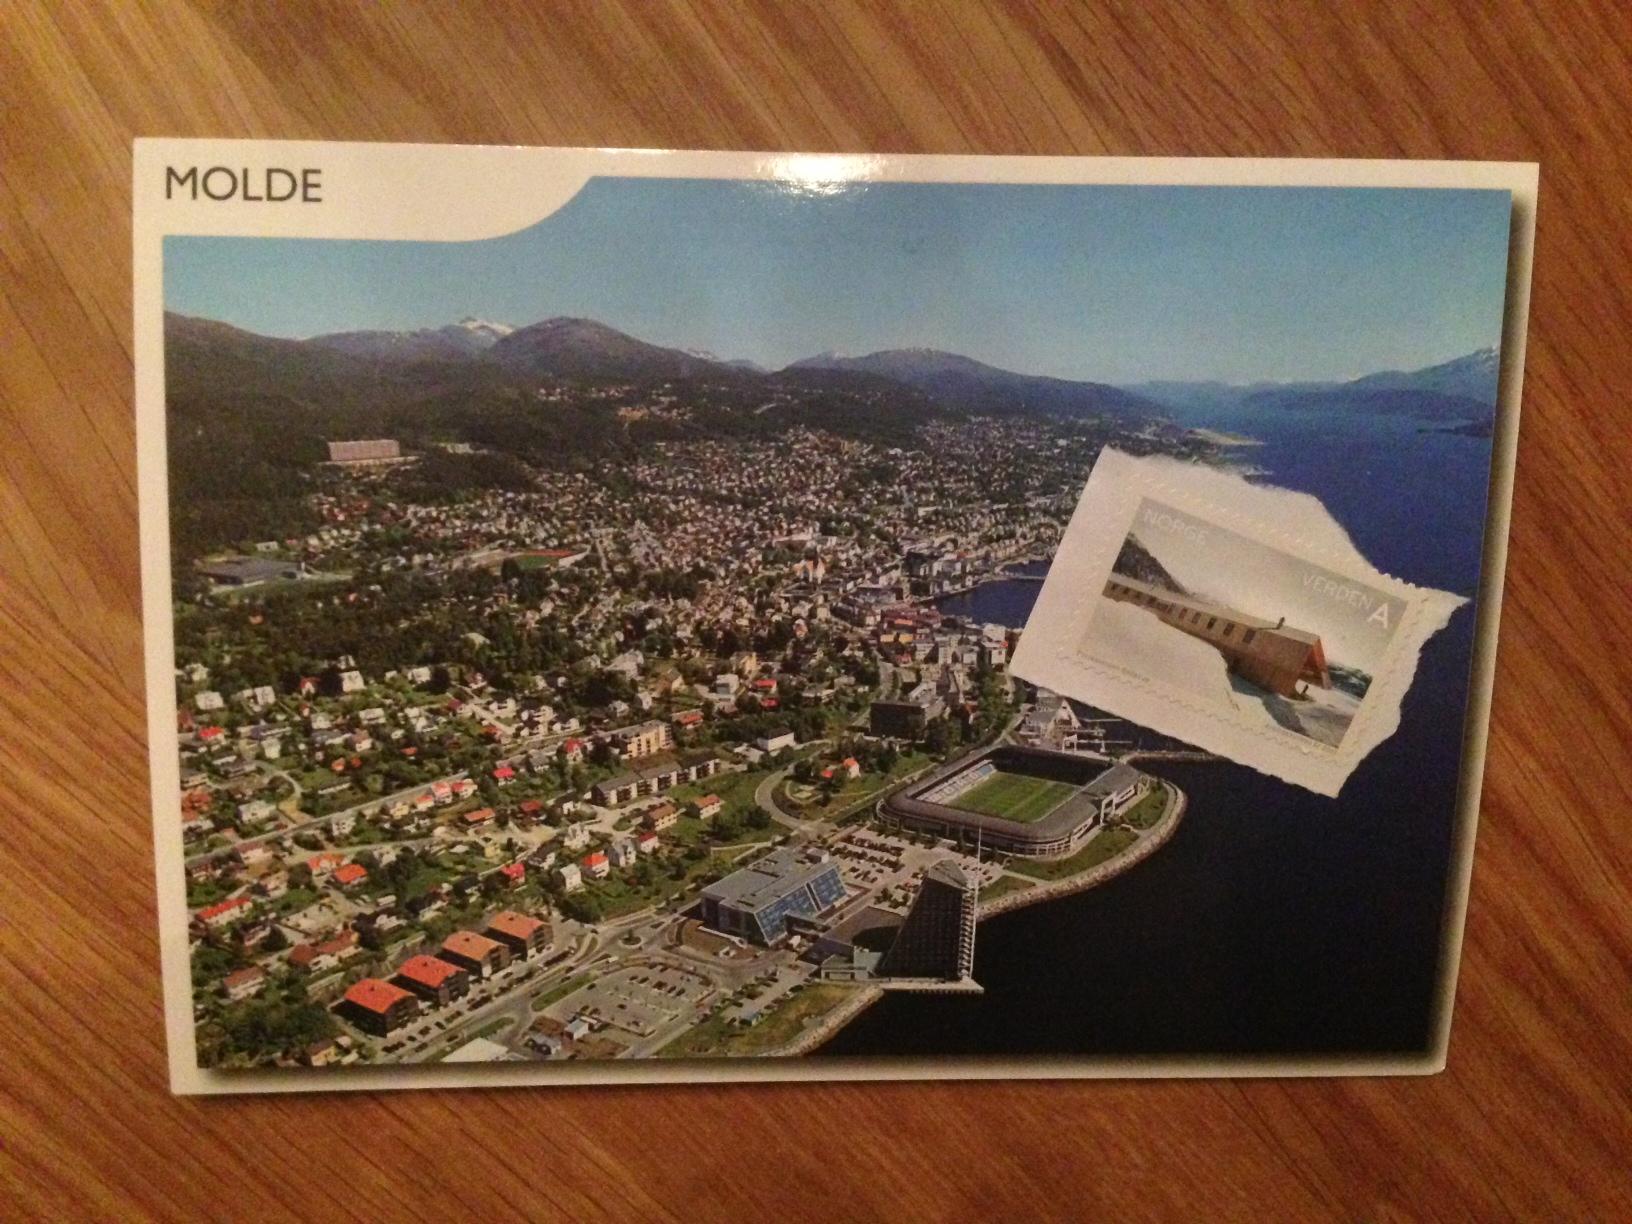 Dette kortet havnet hos Dasha i Russland. Foto: Odd Roar Lange